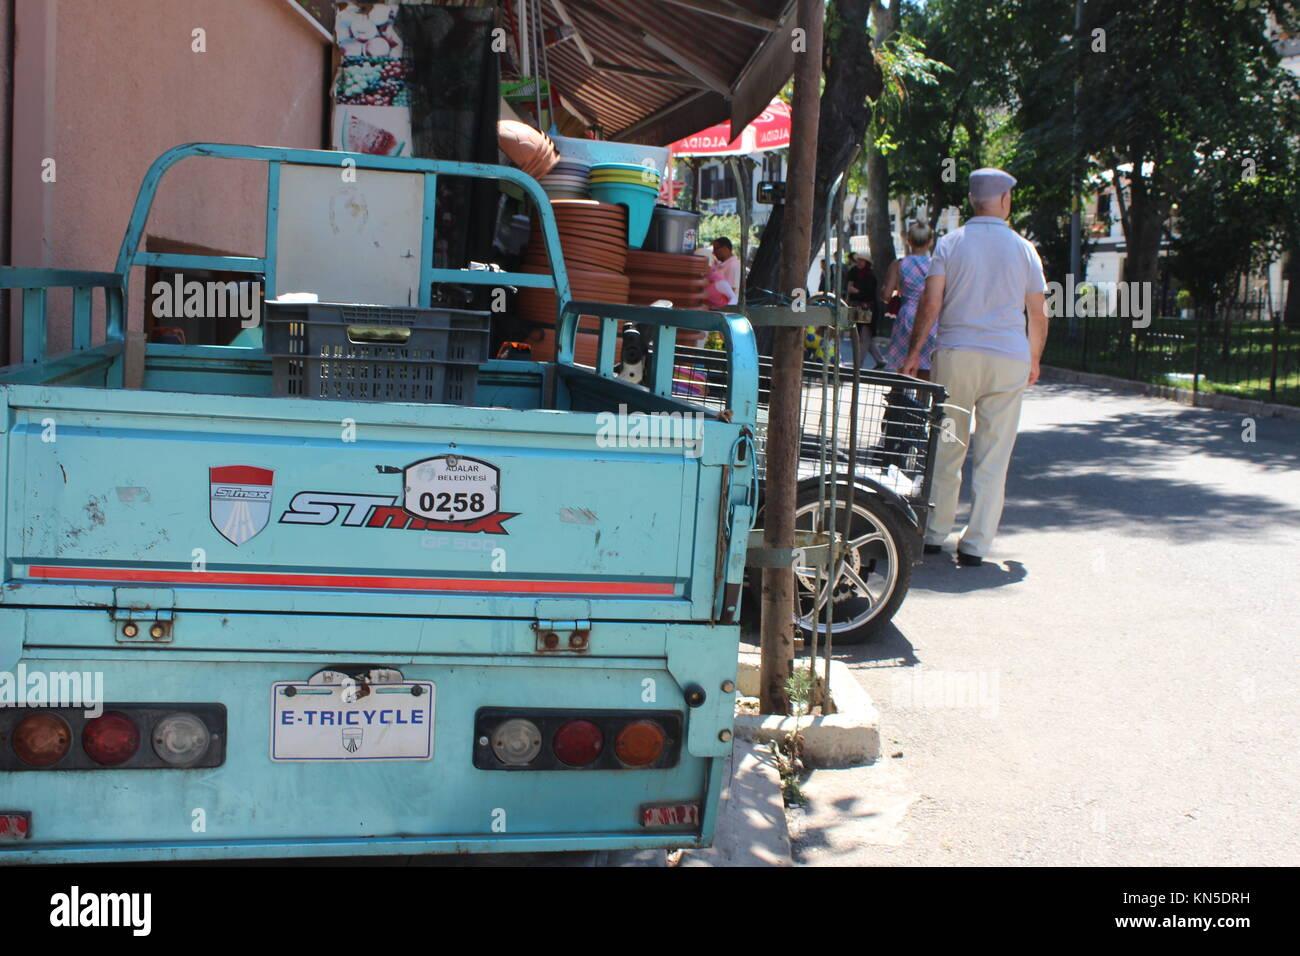 Pick up voiture de style de vie simple lumière bleue journée ensoleillée turquie base simple coloré Photo Stock